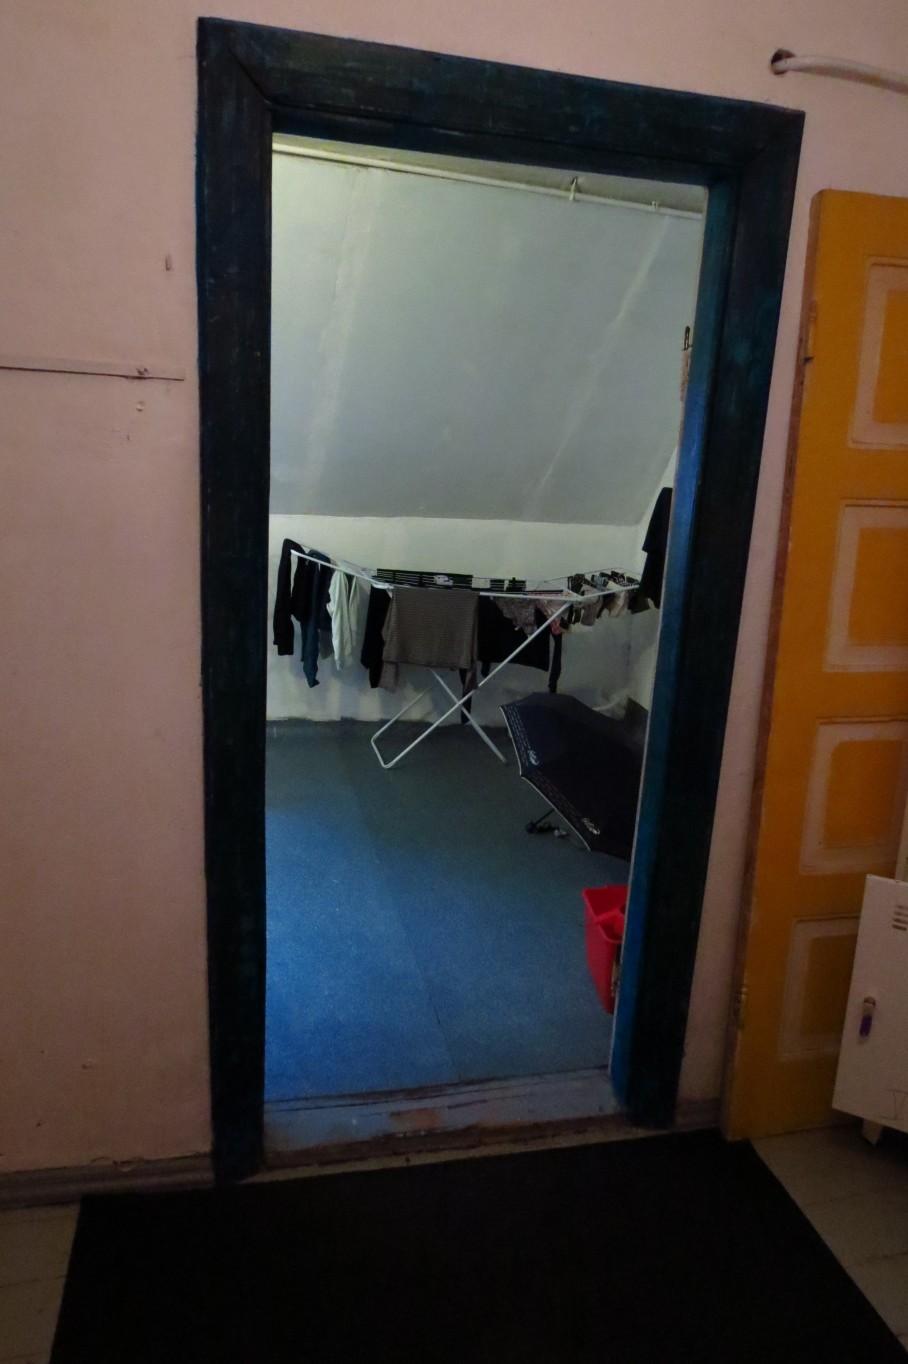 Suihkuhuone ei ainakaan kerää kosteutta, sillä ovea ei ole laisinkaan. Tämä toimii myös pukuhuoneena suihkusta tullessa.